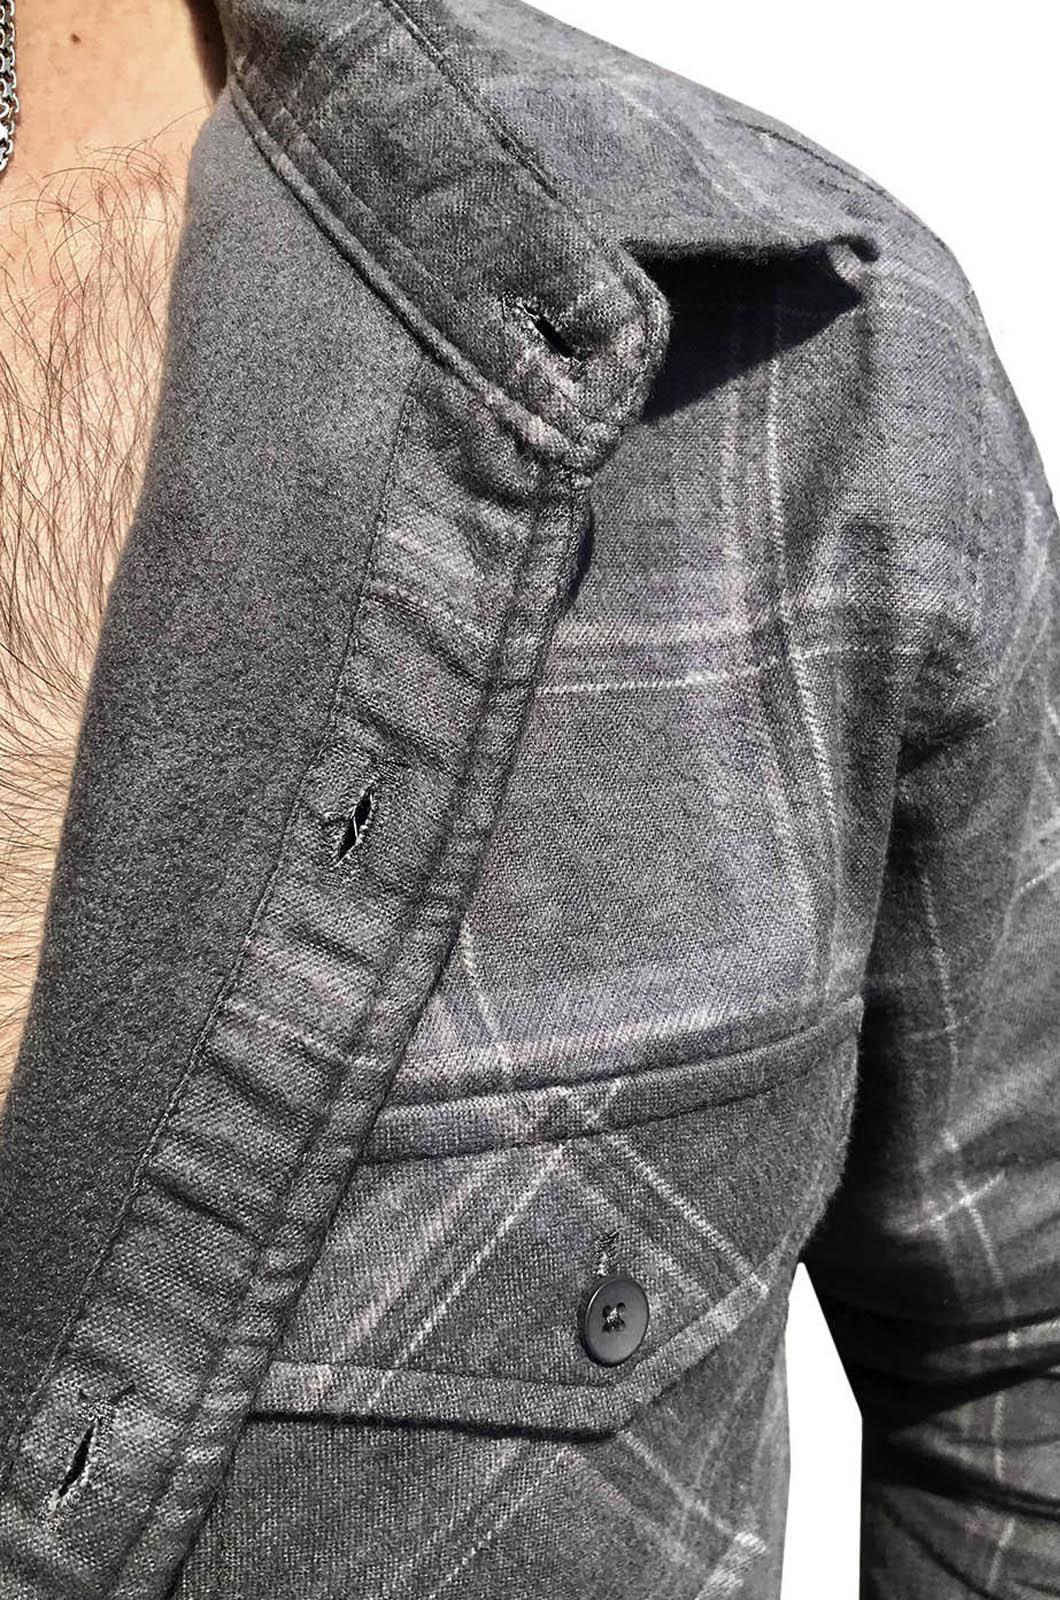 Мужская рубашка с эмблемой Черноморского флота купить по лучшей цене